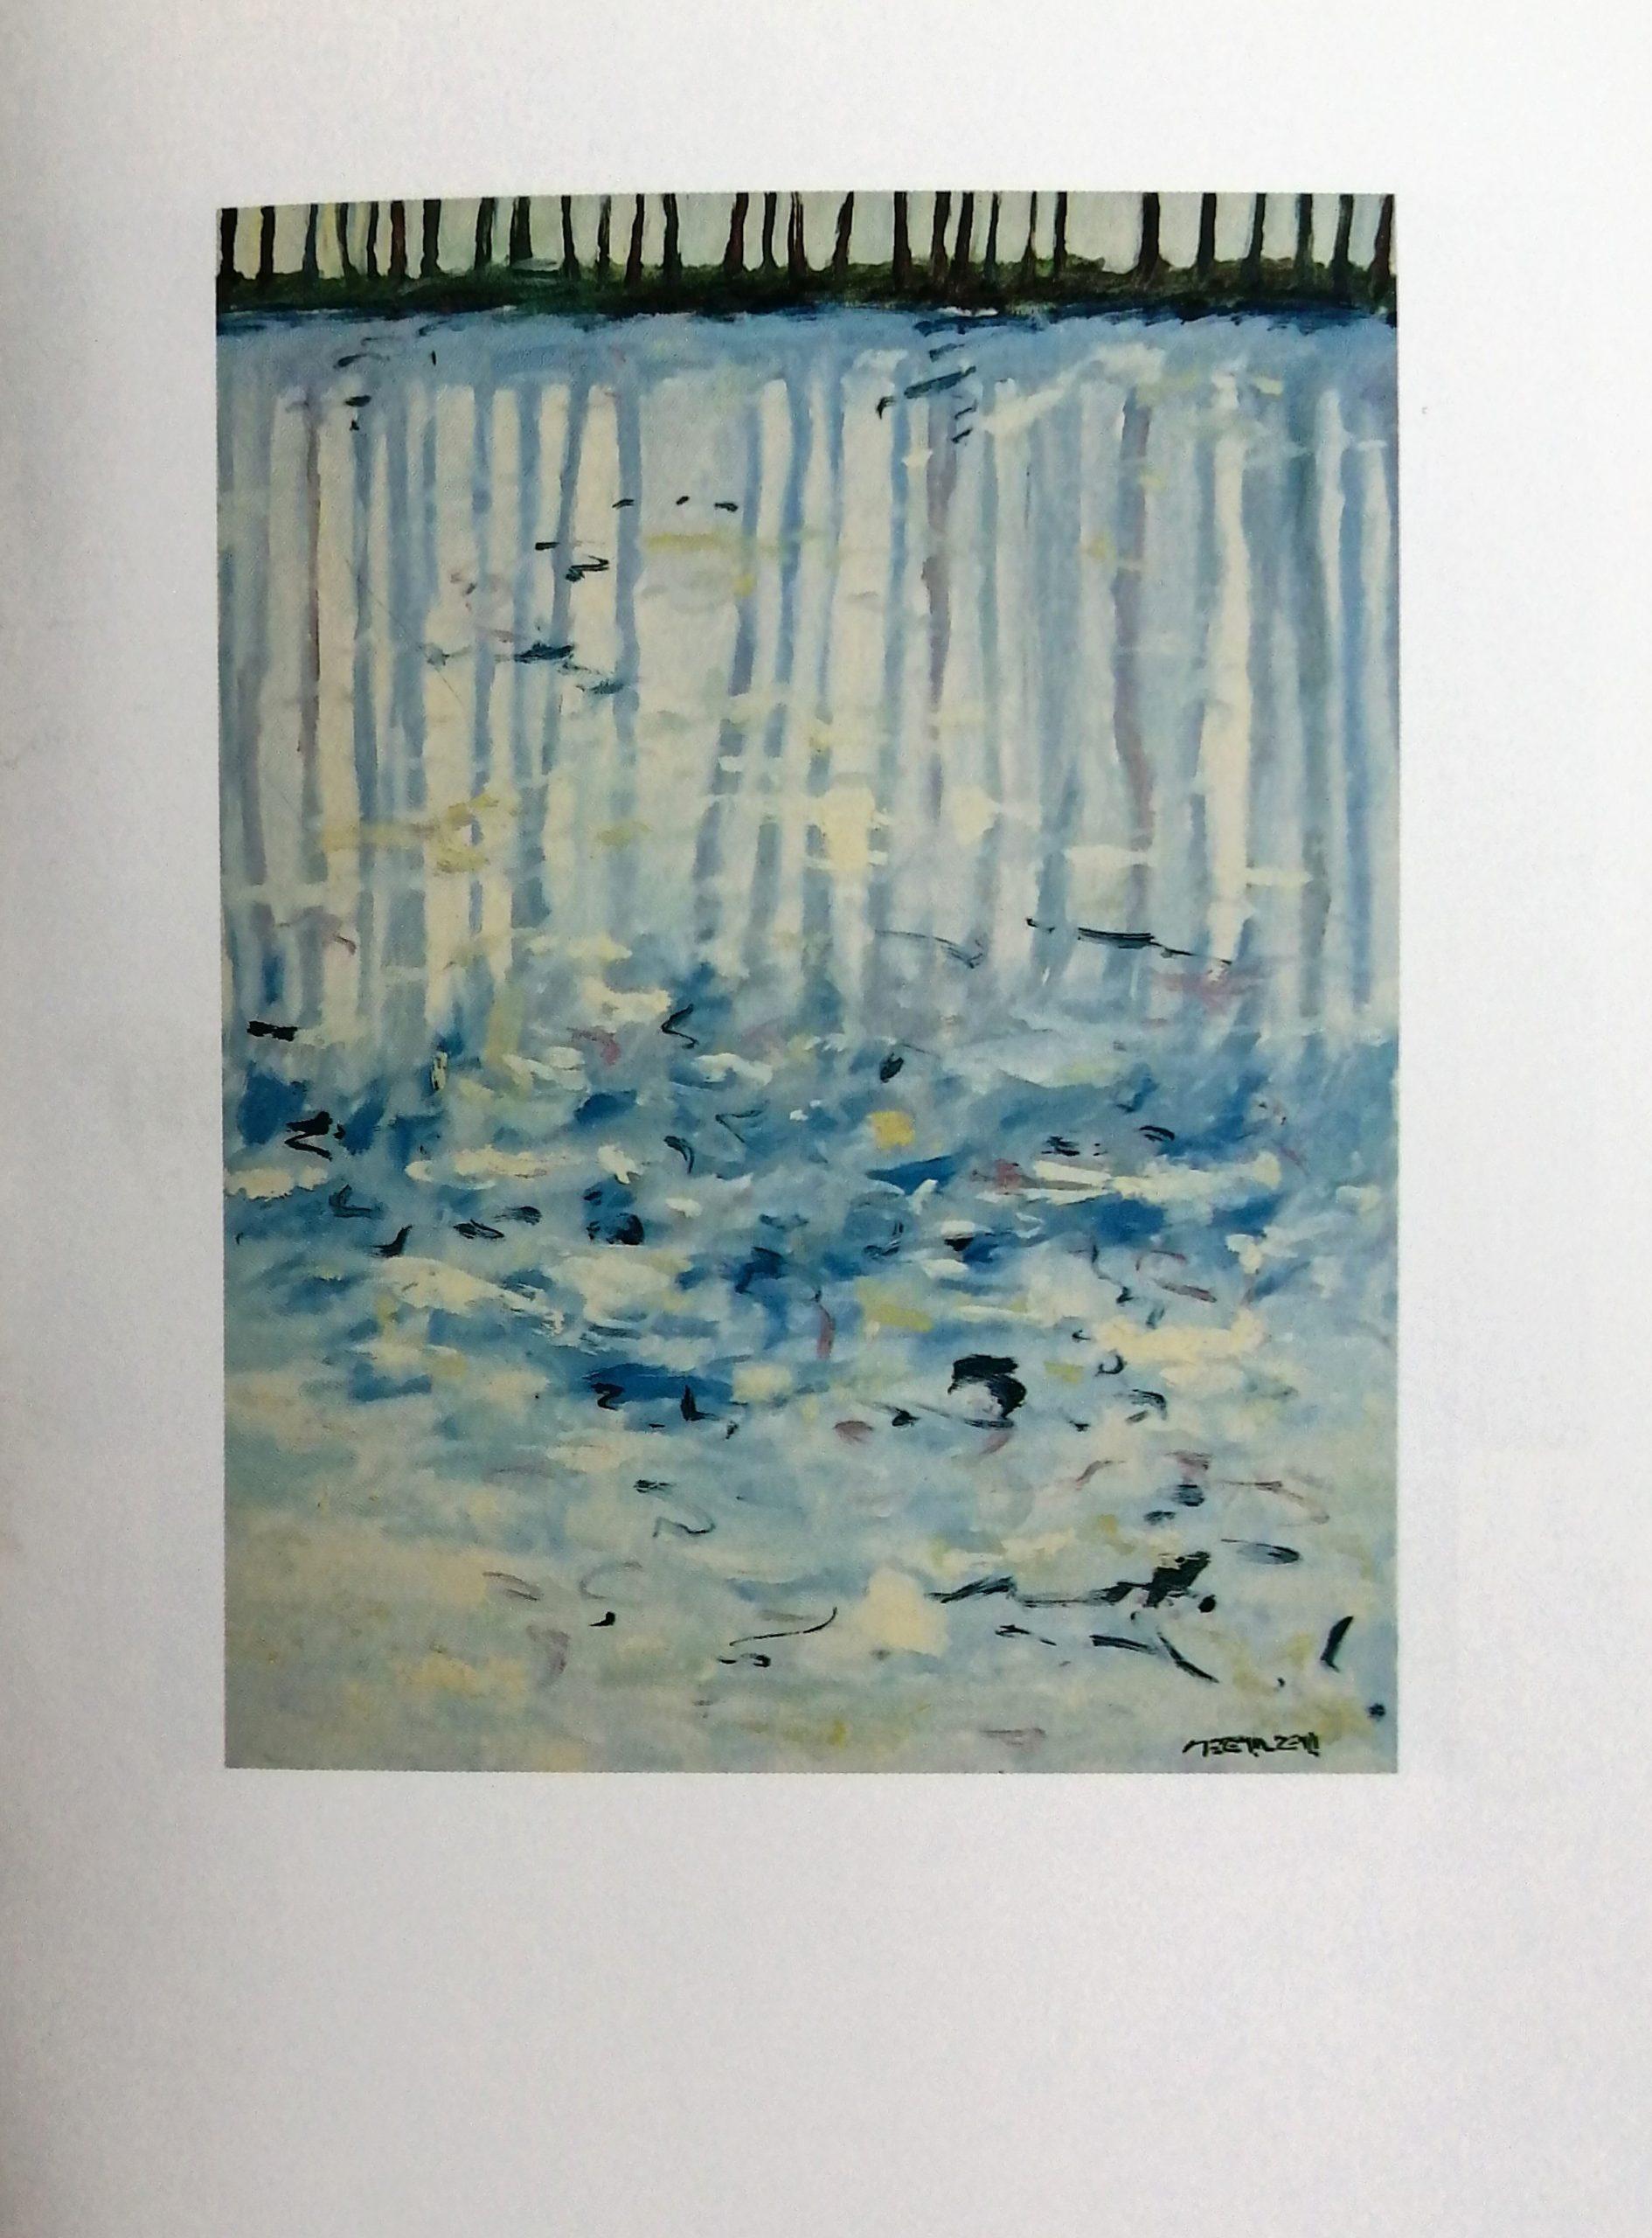 1995 Carlo dalla Zorza Galleria Ponte Rosso Milano immagine scaled - Bibliography/ Catalogues